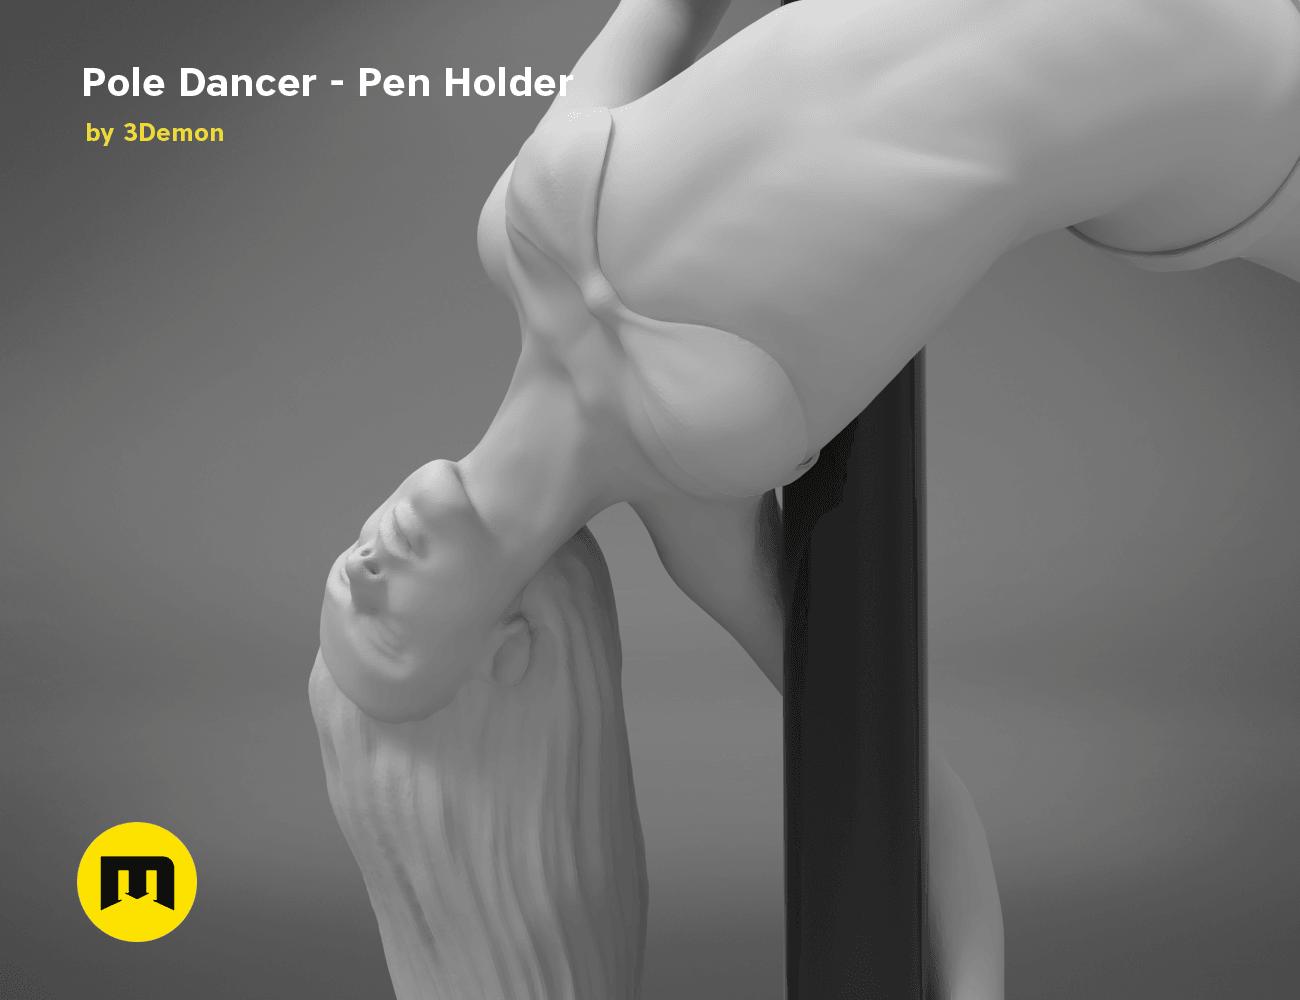 poledancer-detail1.176.png Download STL file Pole Dancer - Pen Holder • Object to 3D print, 3D-mon